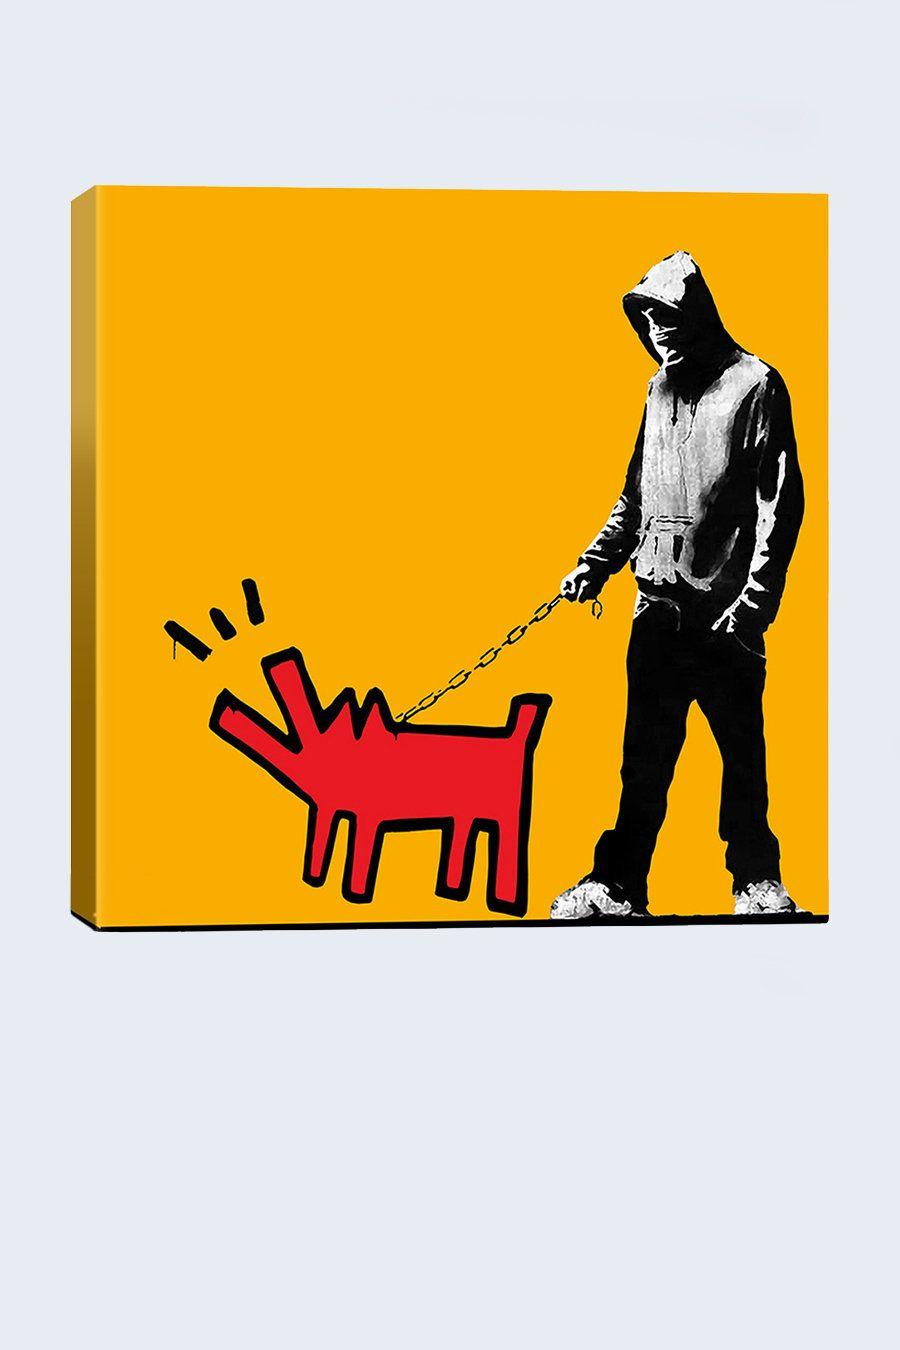 Banksy and Haring | Banksy | Pinterest | Banksy, Graffiti and Street art